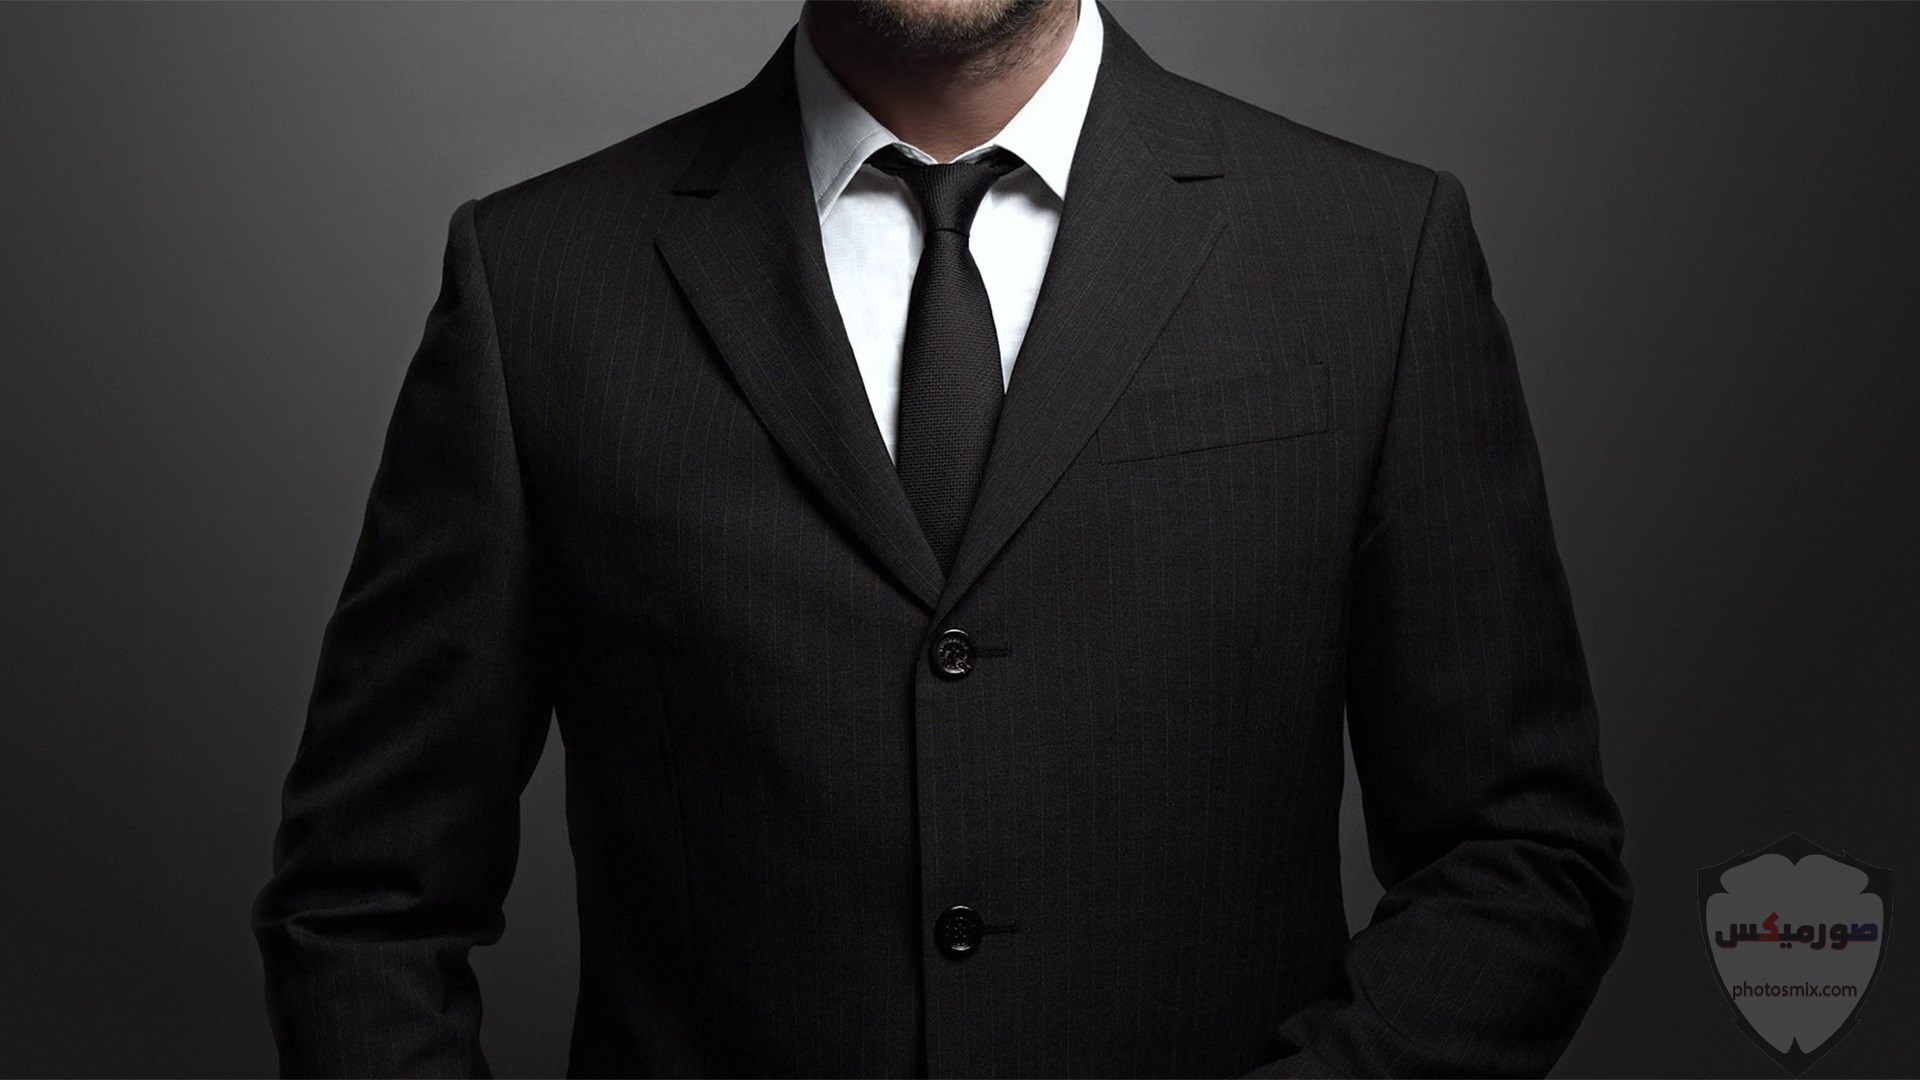 صور بدل رجالى 2020 صور ازياء وملابس كلاسيك شبابية للرجال 2